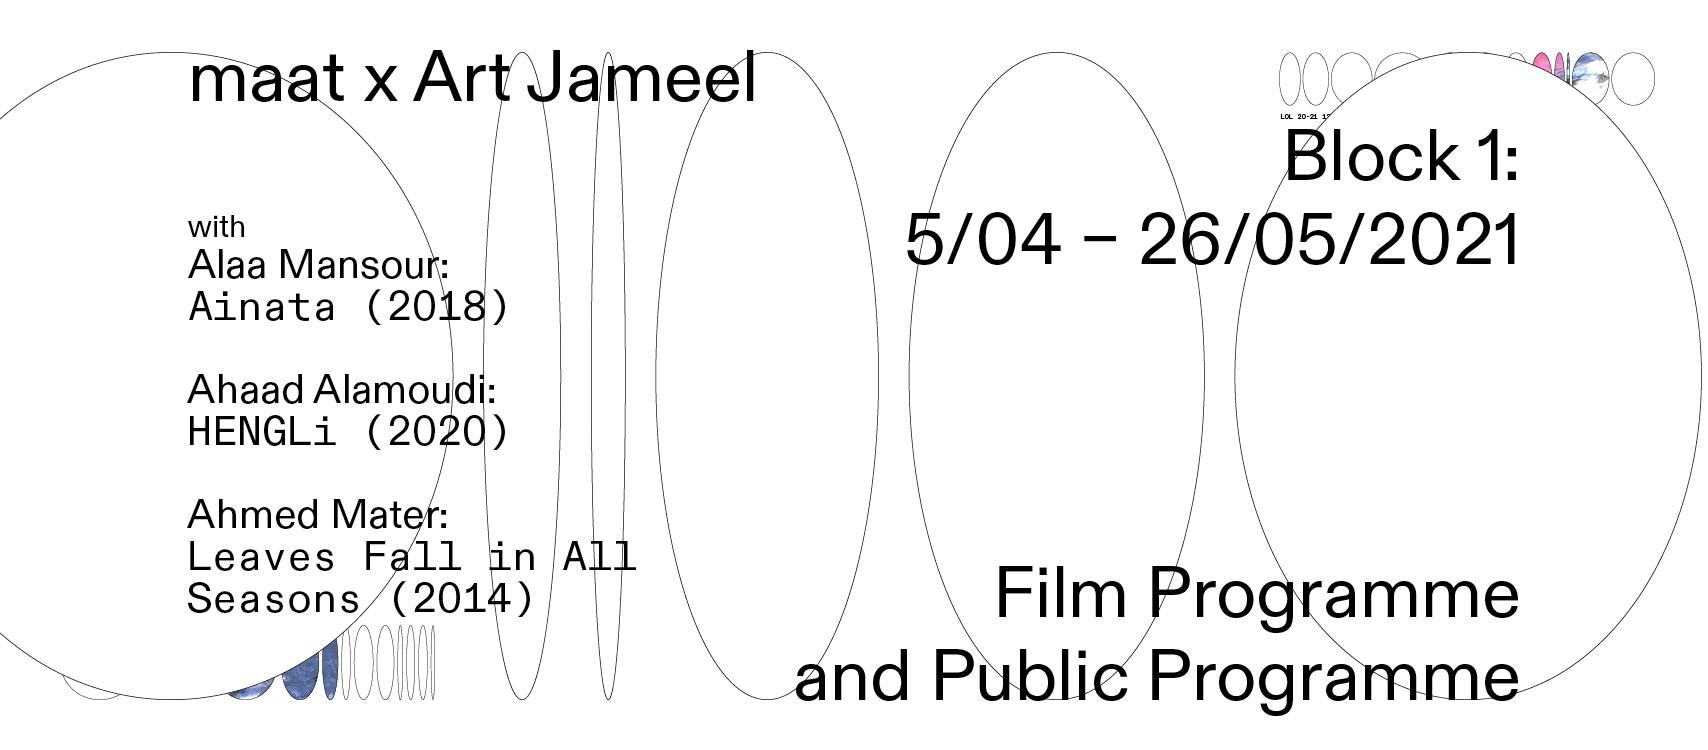 maat x Art Jameel – Film Programme : Block 1